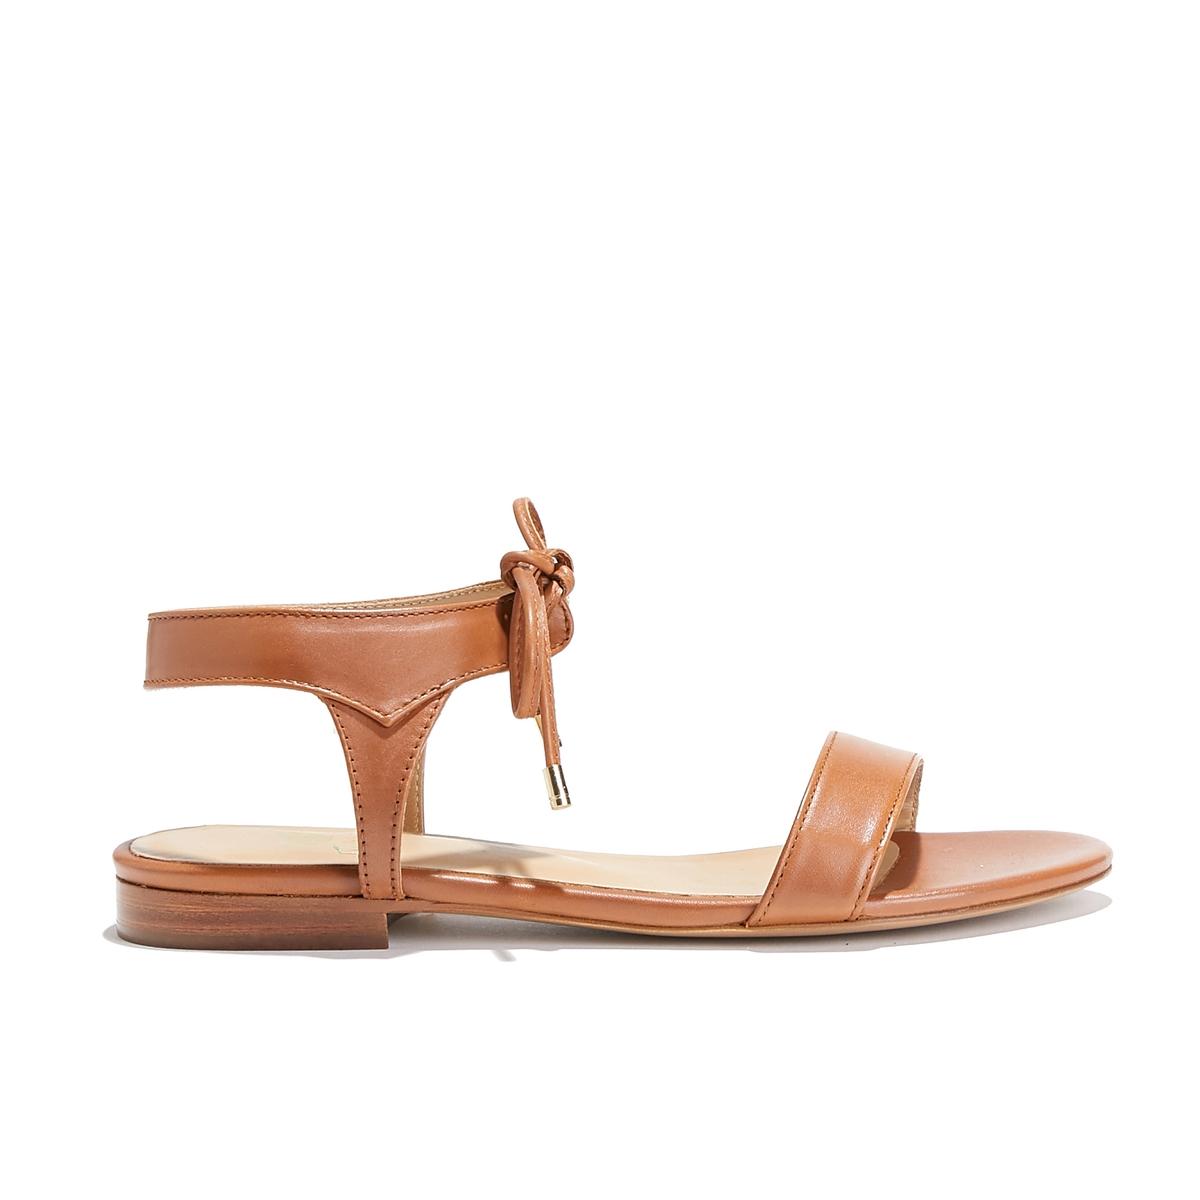 Босоножки кожаные на плоском каблуке LA CONQUISE босоножки кожаные с бусинами на плоском каблуке